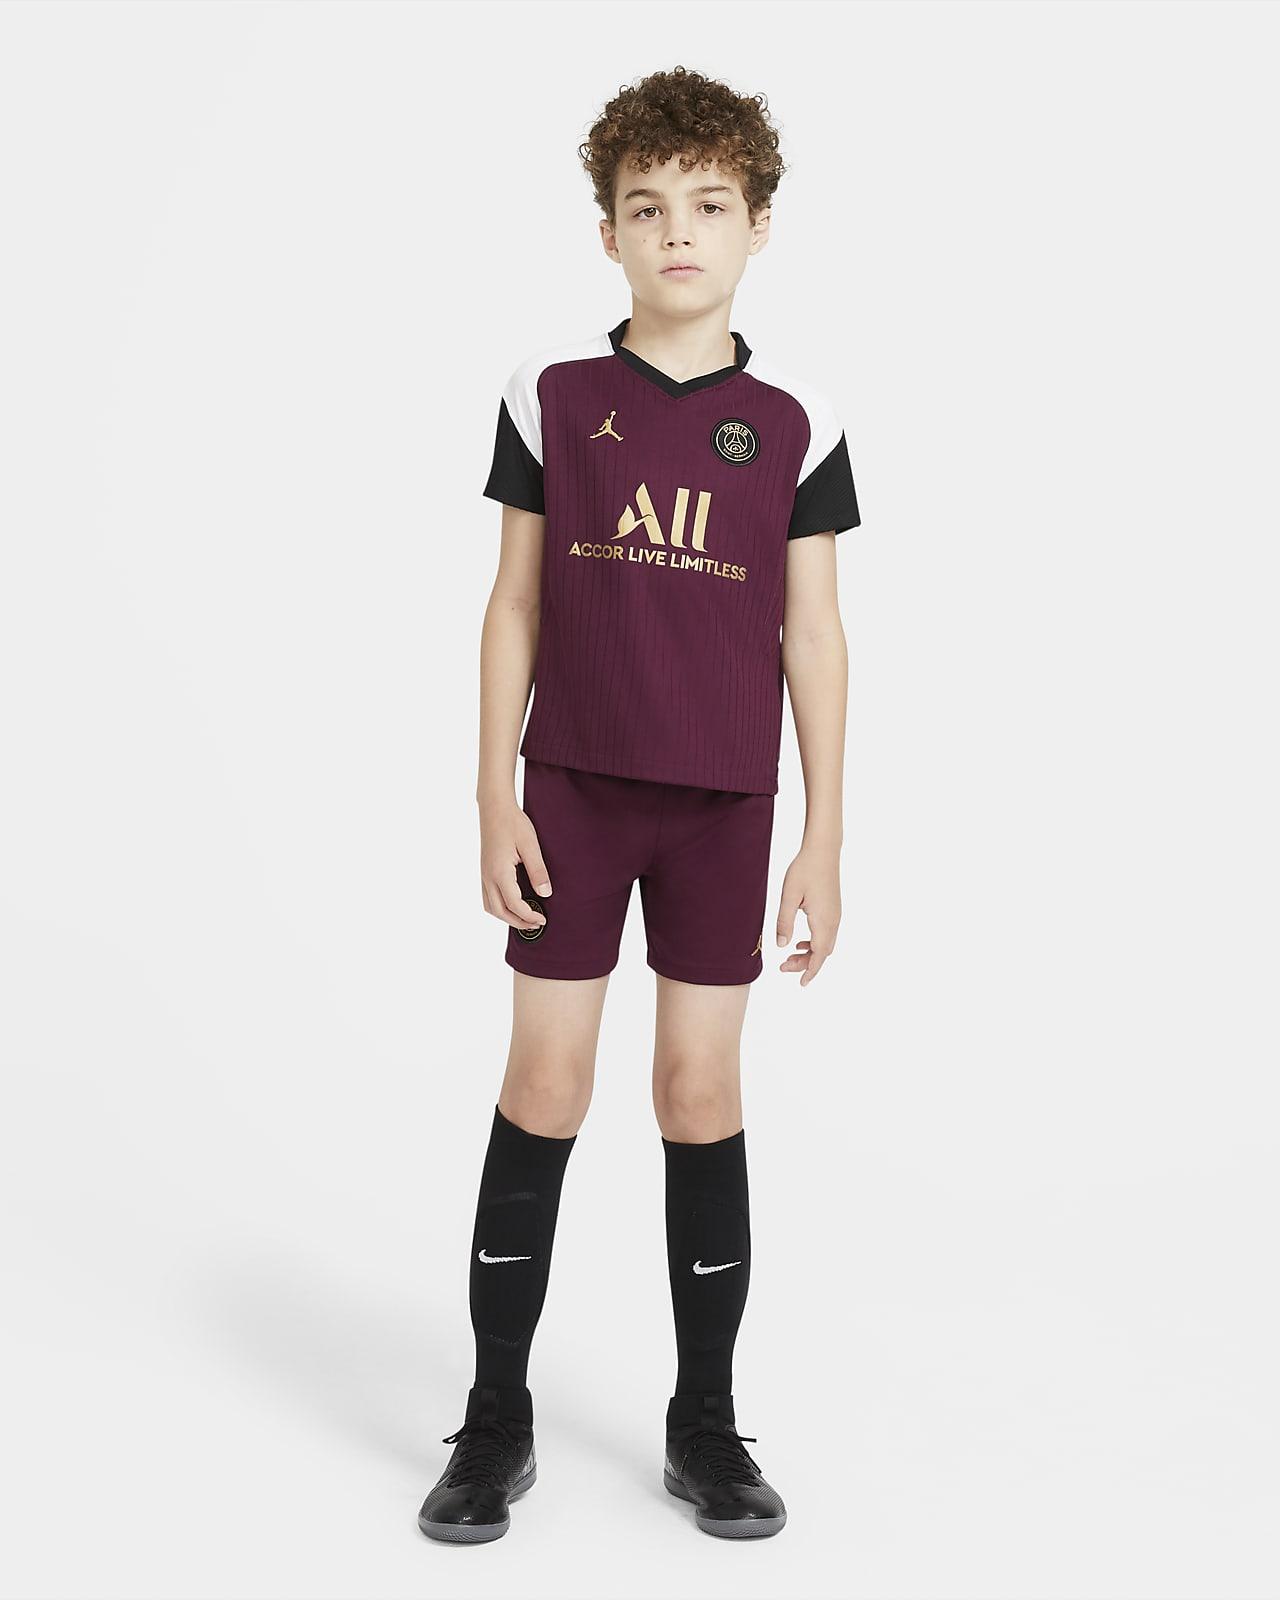 Футбольный комплект для дошкольников с символикой третьего комплекта формы ФК «Пари Сен-Жермен» 2020/21